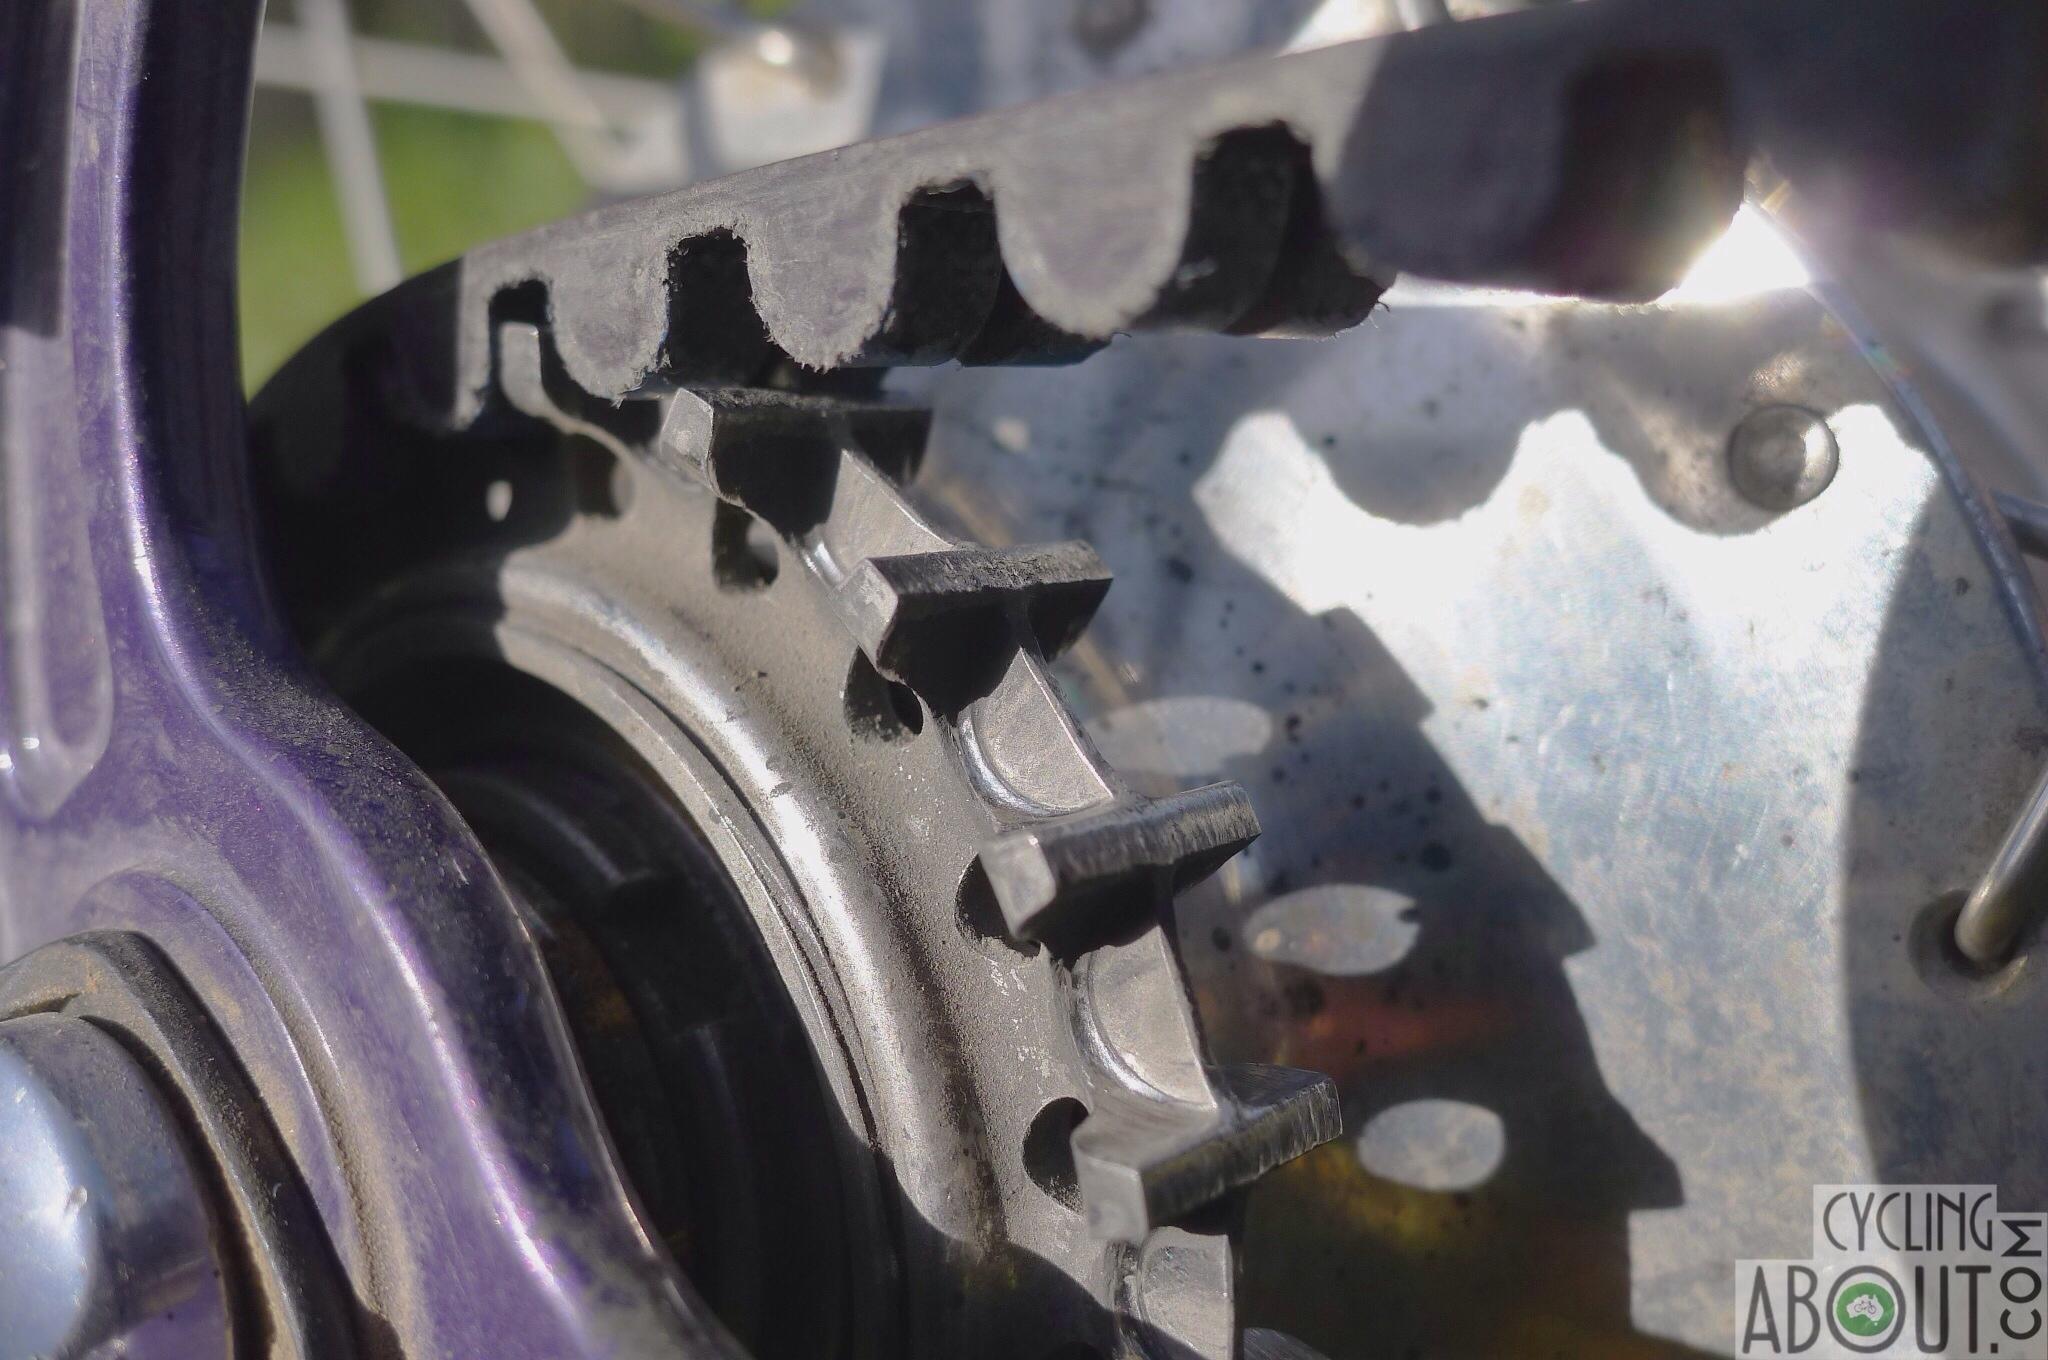 Gates carbon belt drive wear after 15000km +